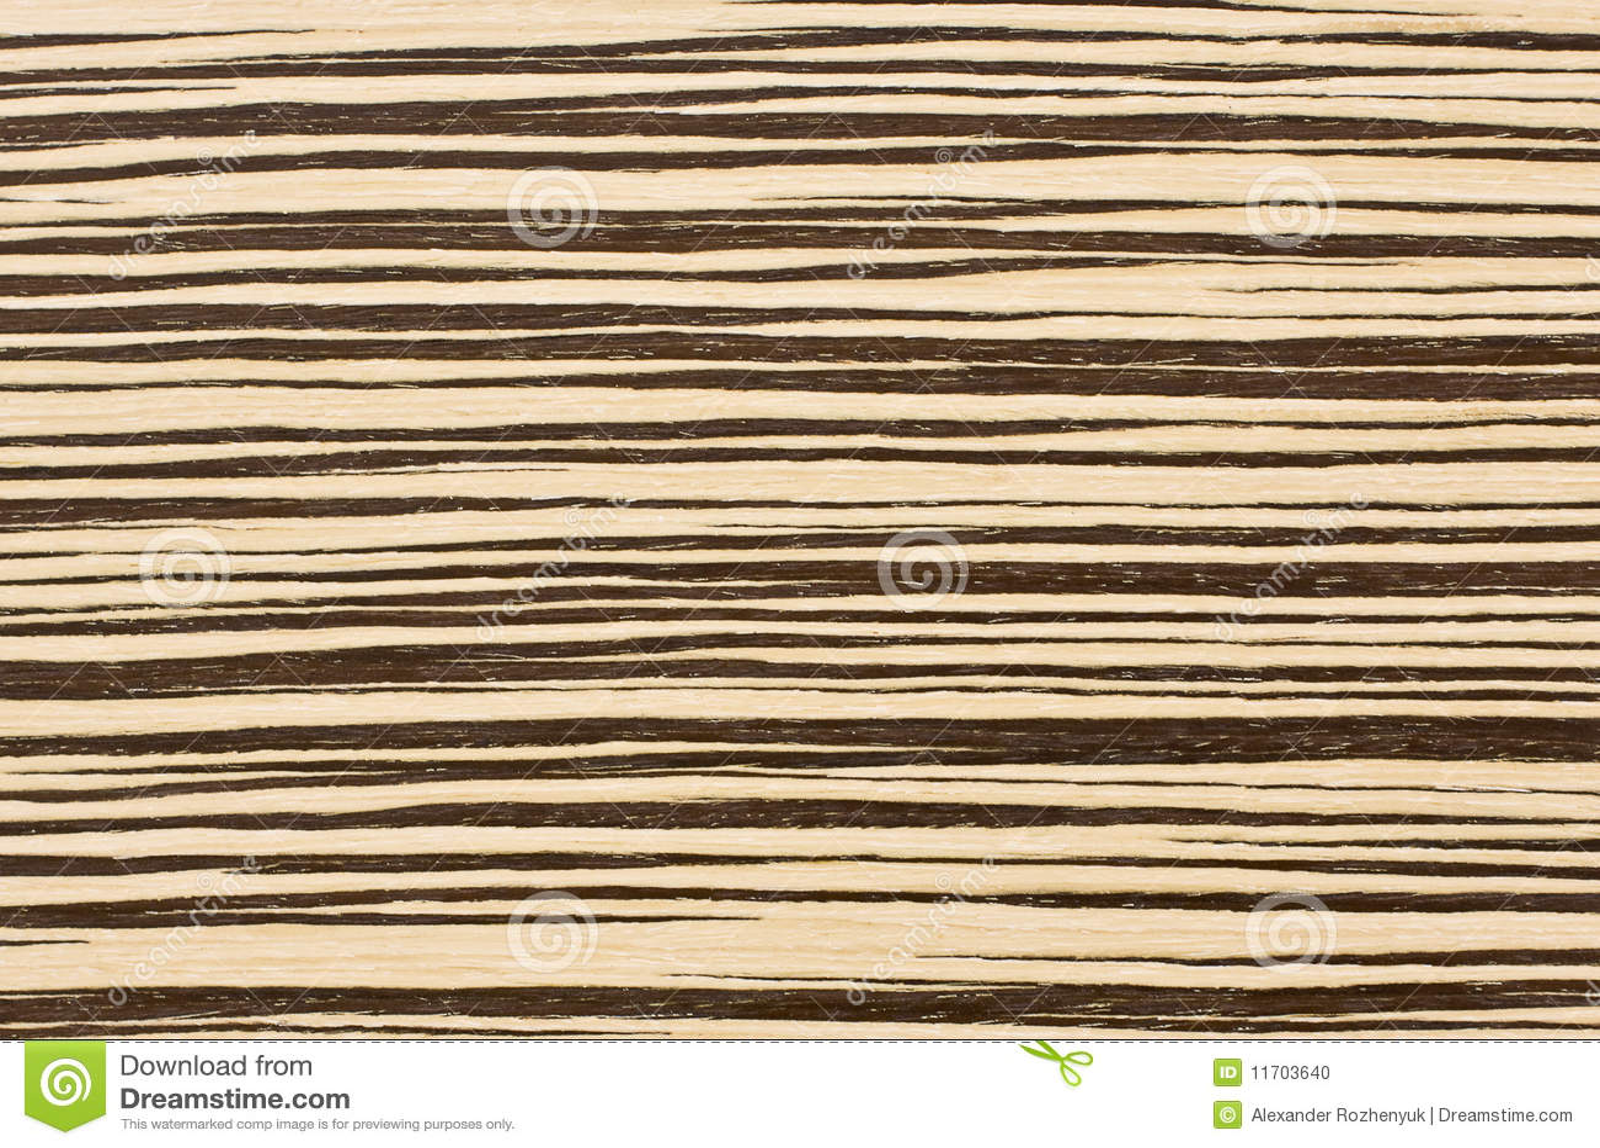 Zebra Wood Texture Background Stock Photo Image 11703640